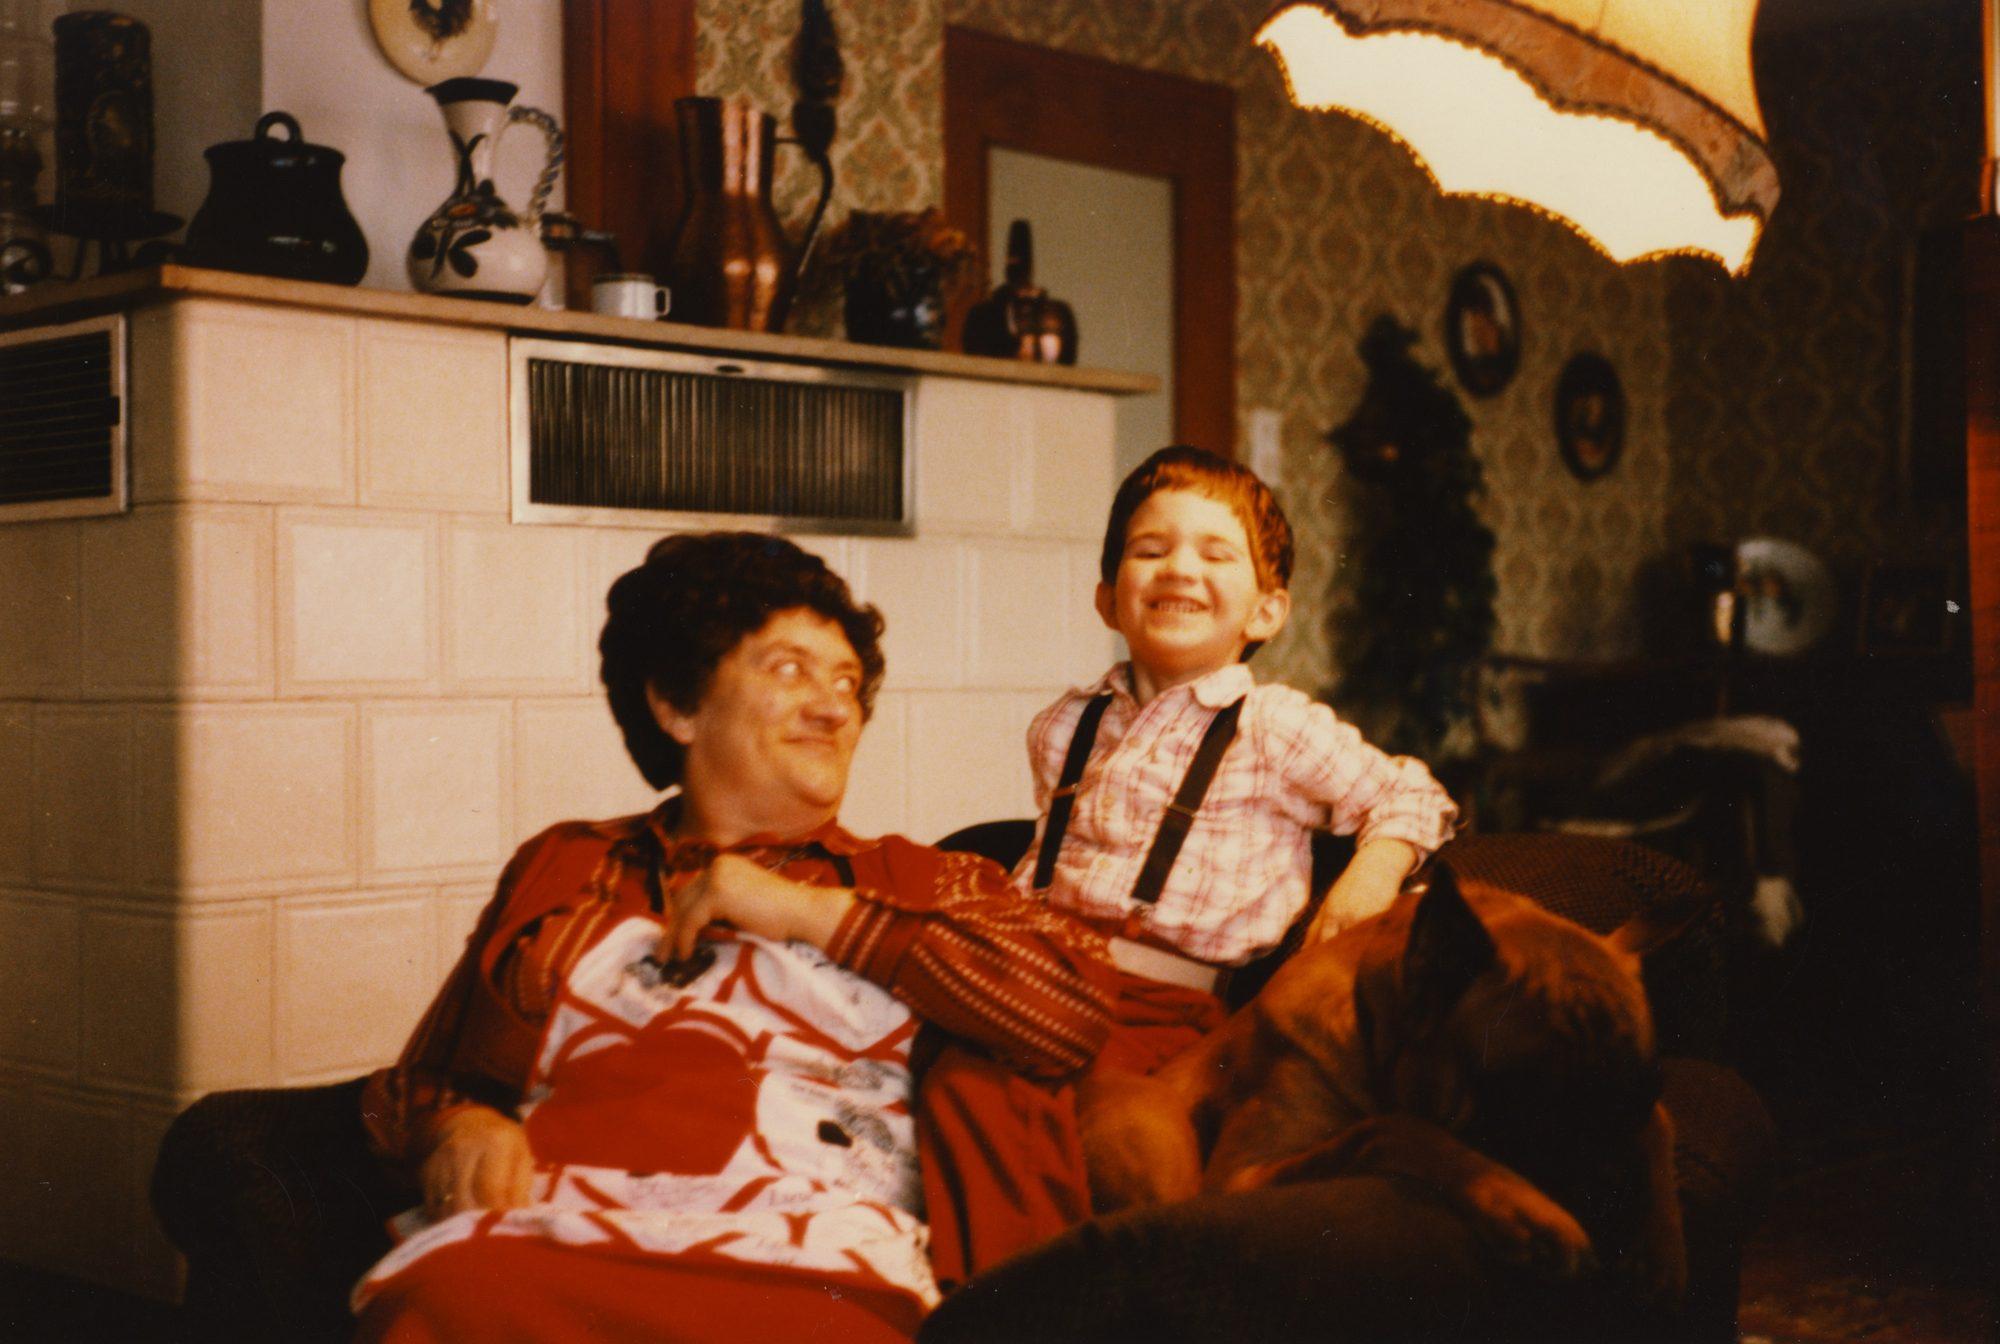 1982 - Die Sesselrocker. Oma, Thilo und Askan im abendlichen Standard-Setup.